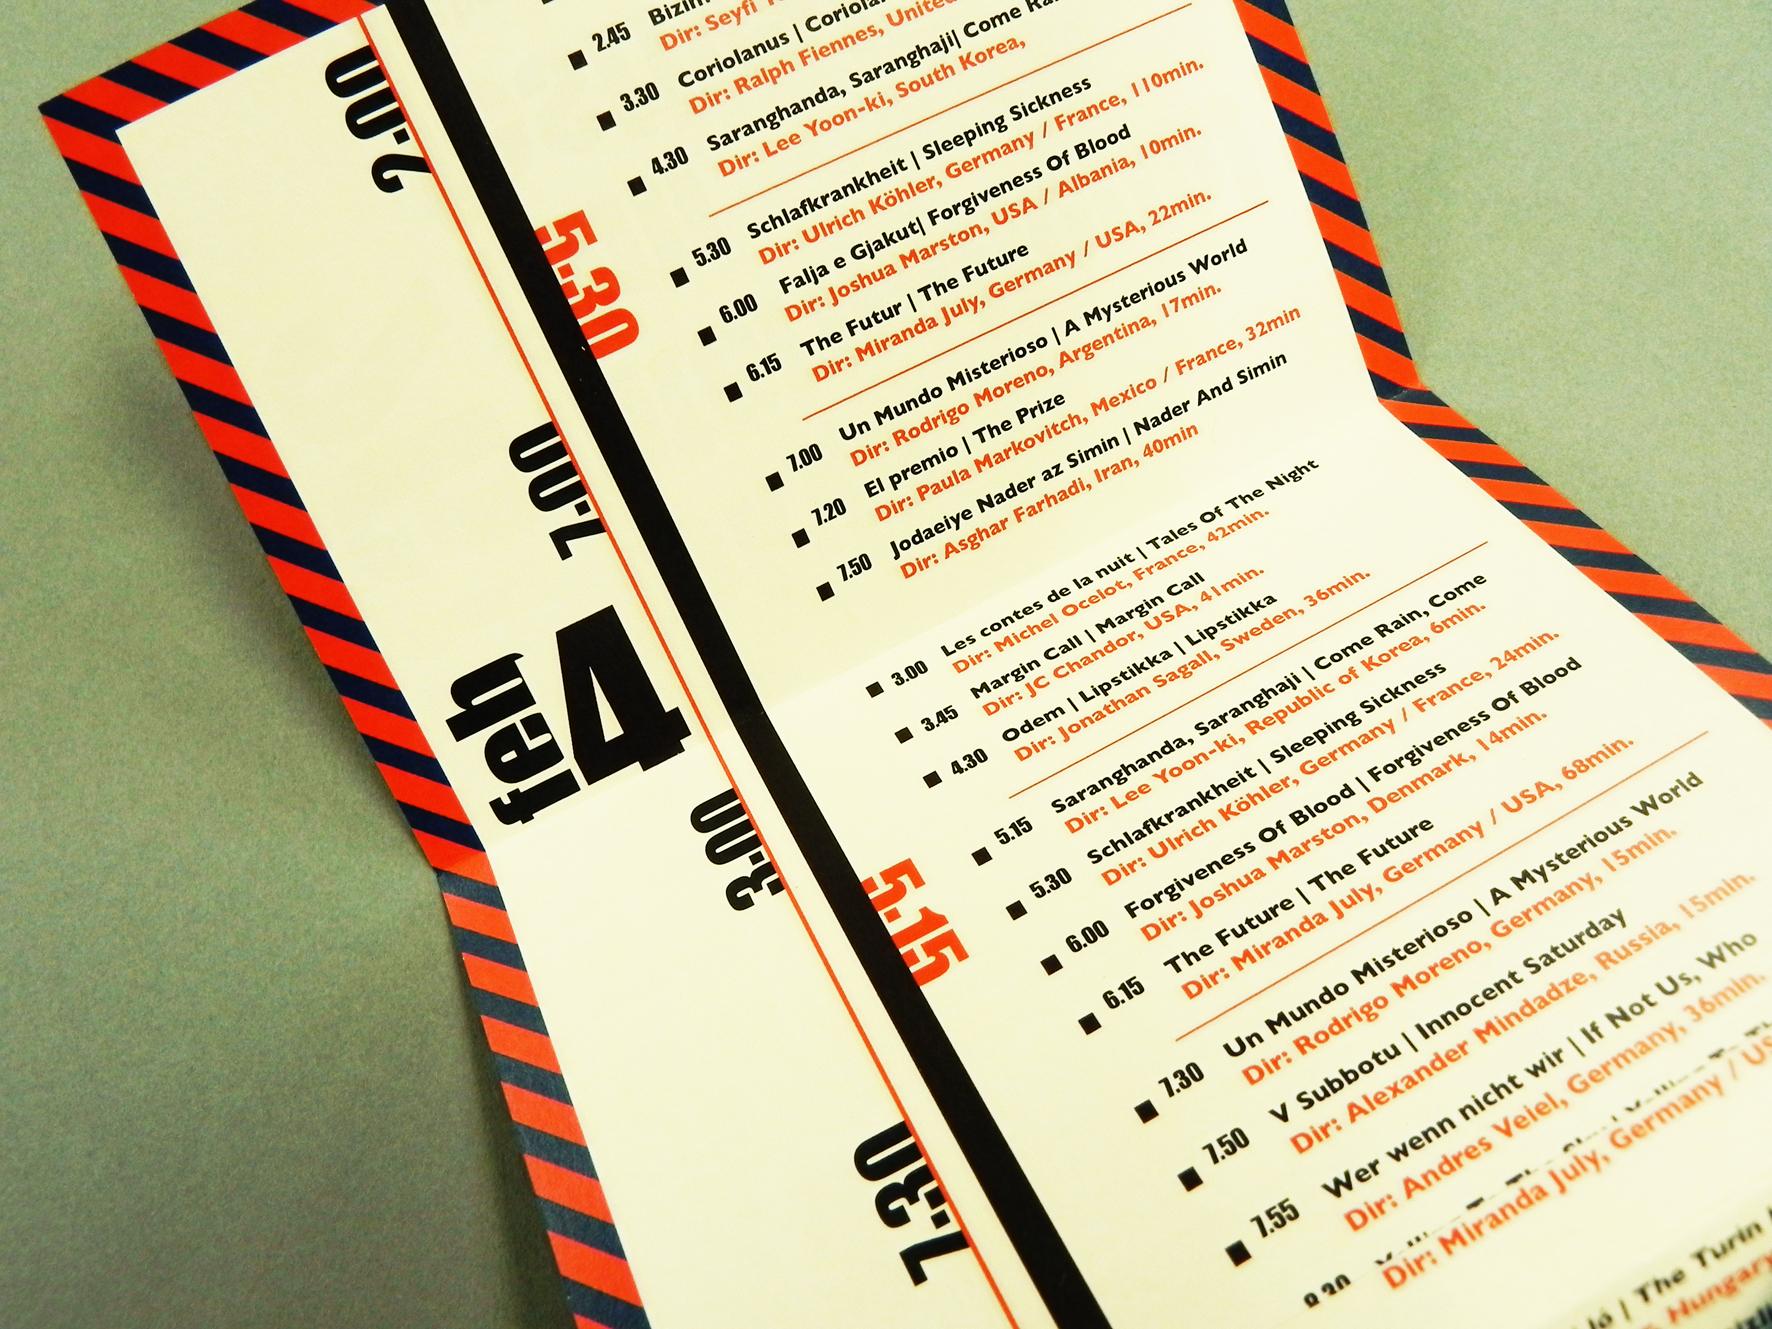 Tokyo Film Festival